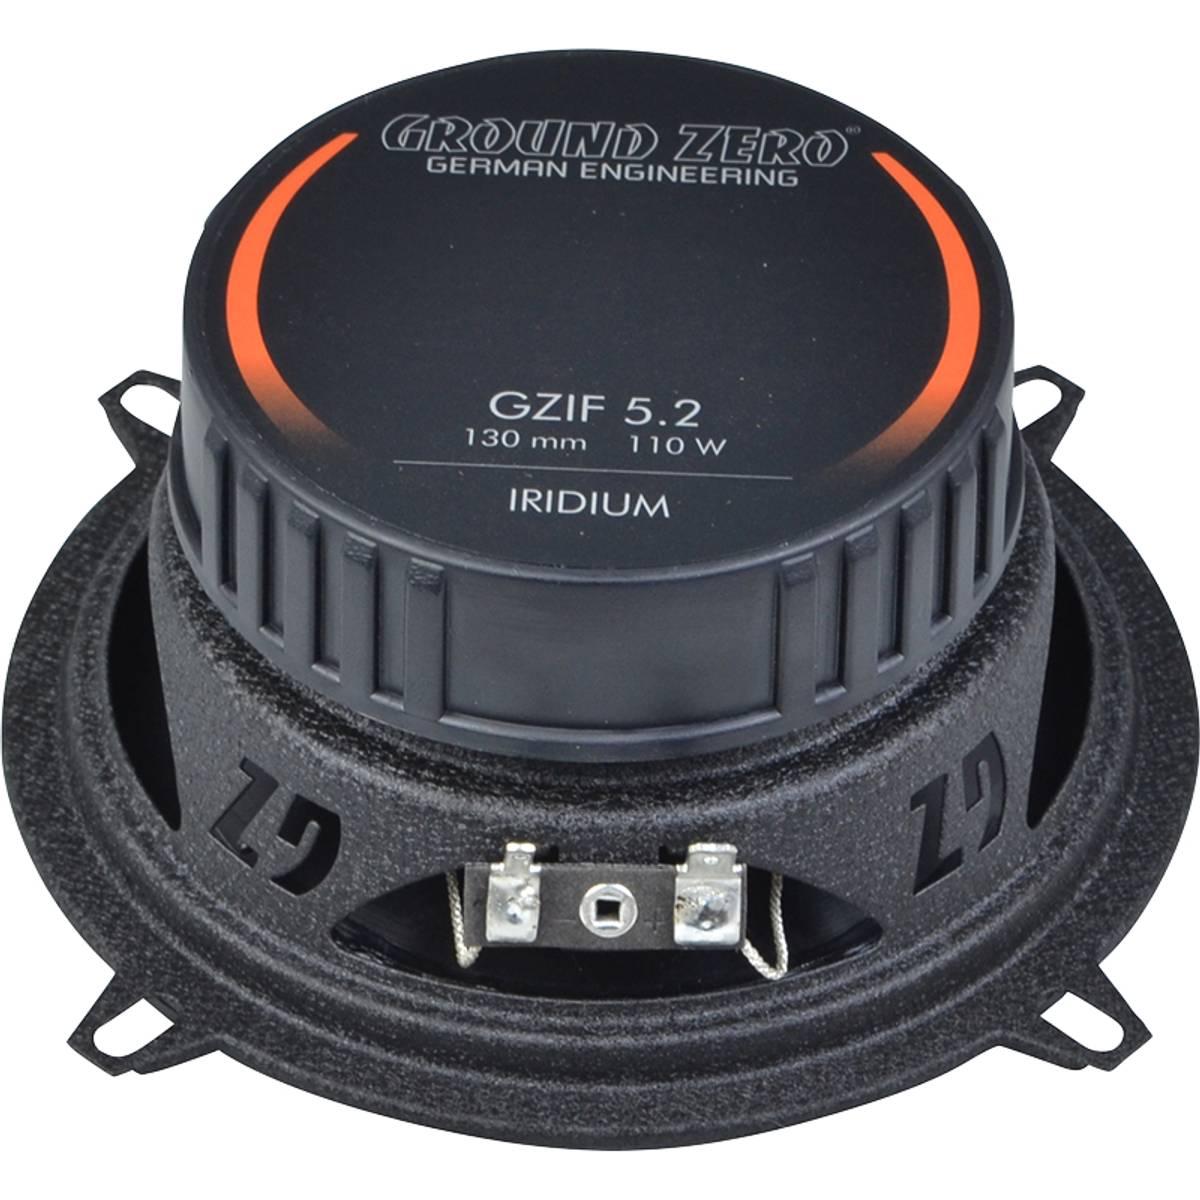 Ground Zero GZIF 5.2 70W RMS